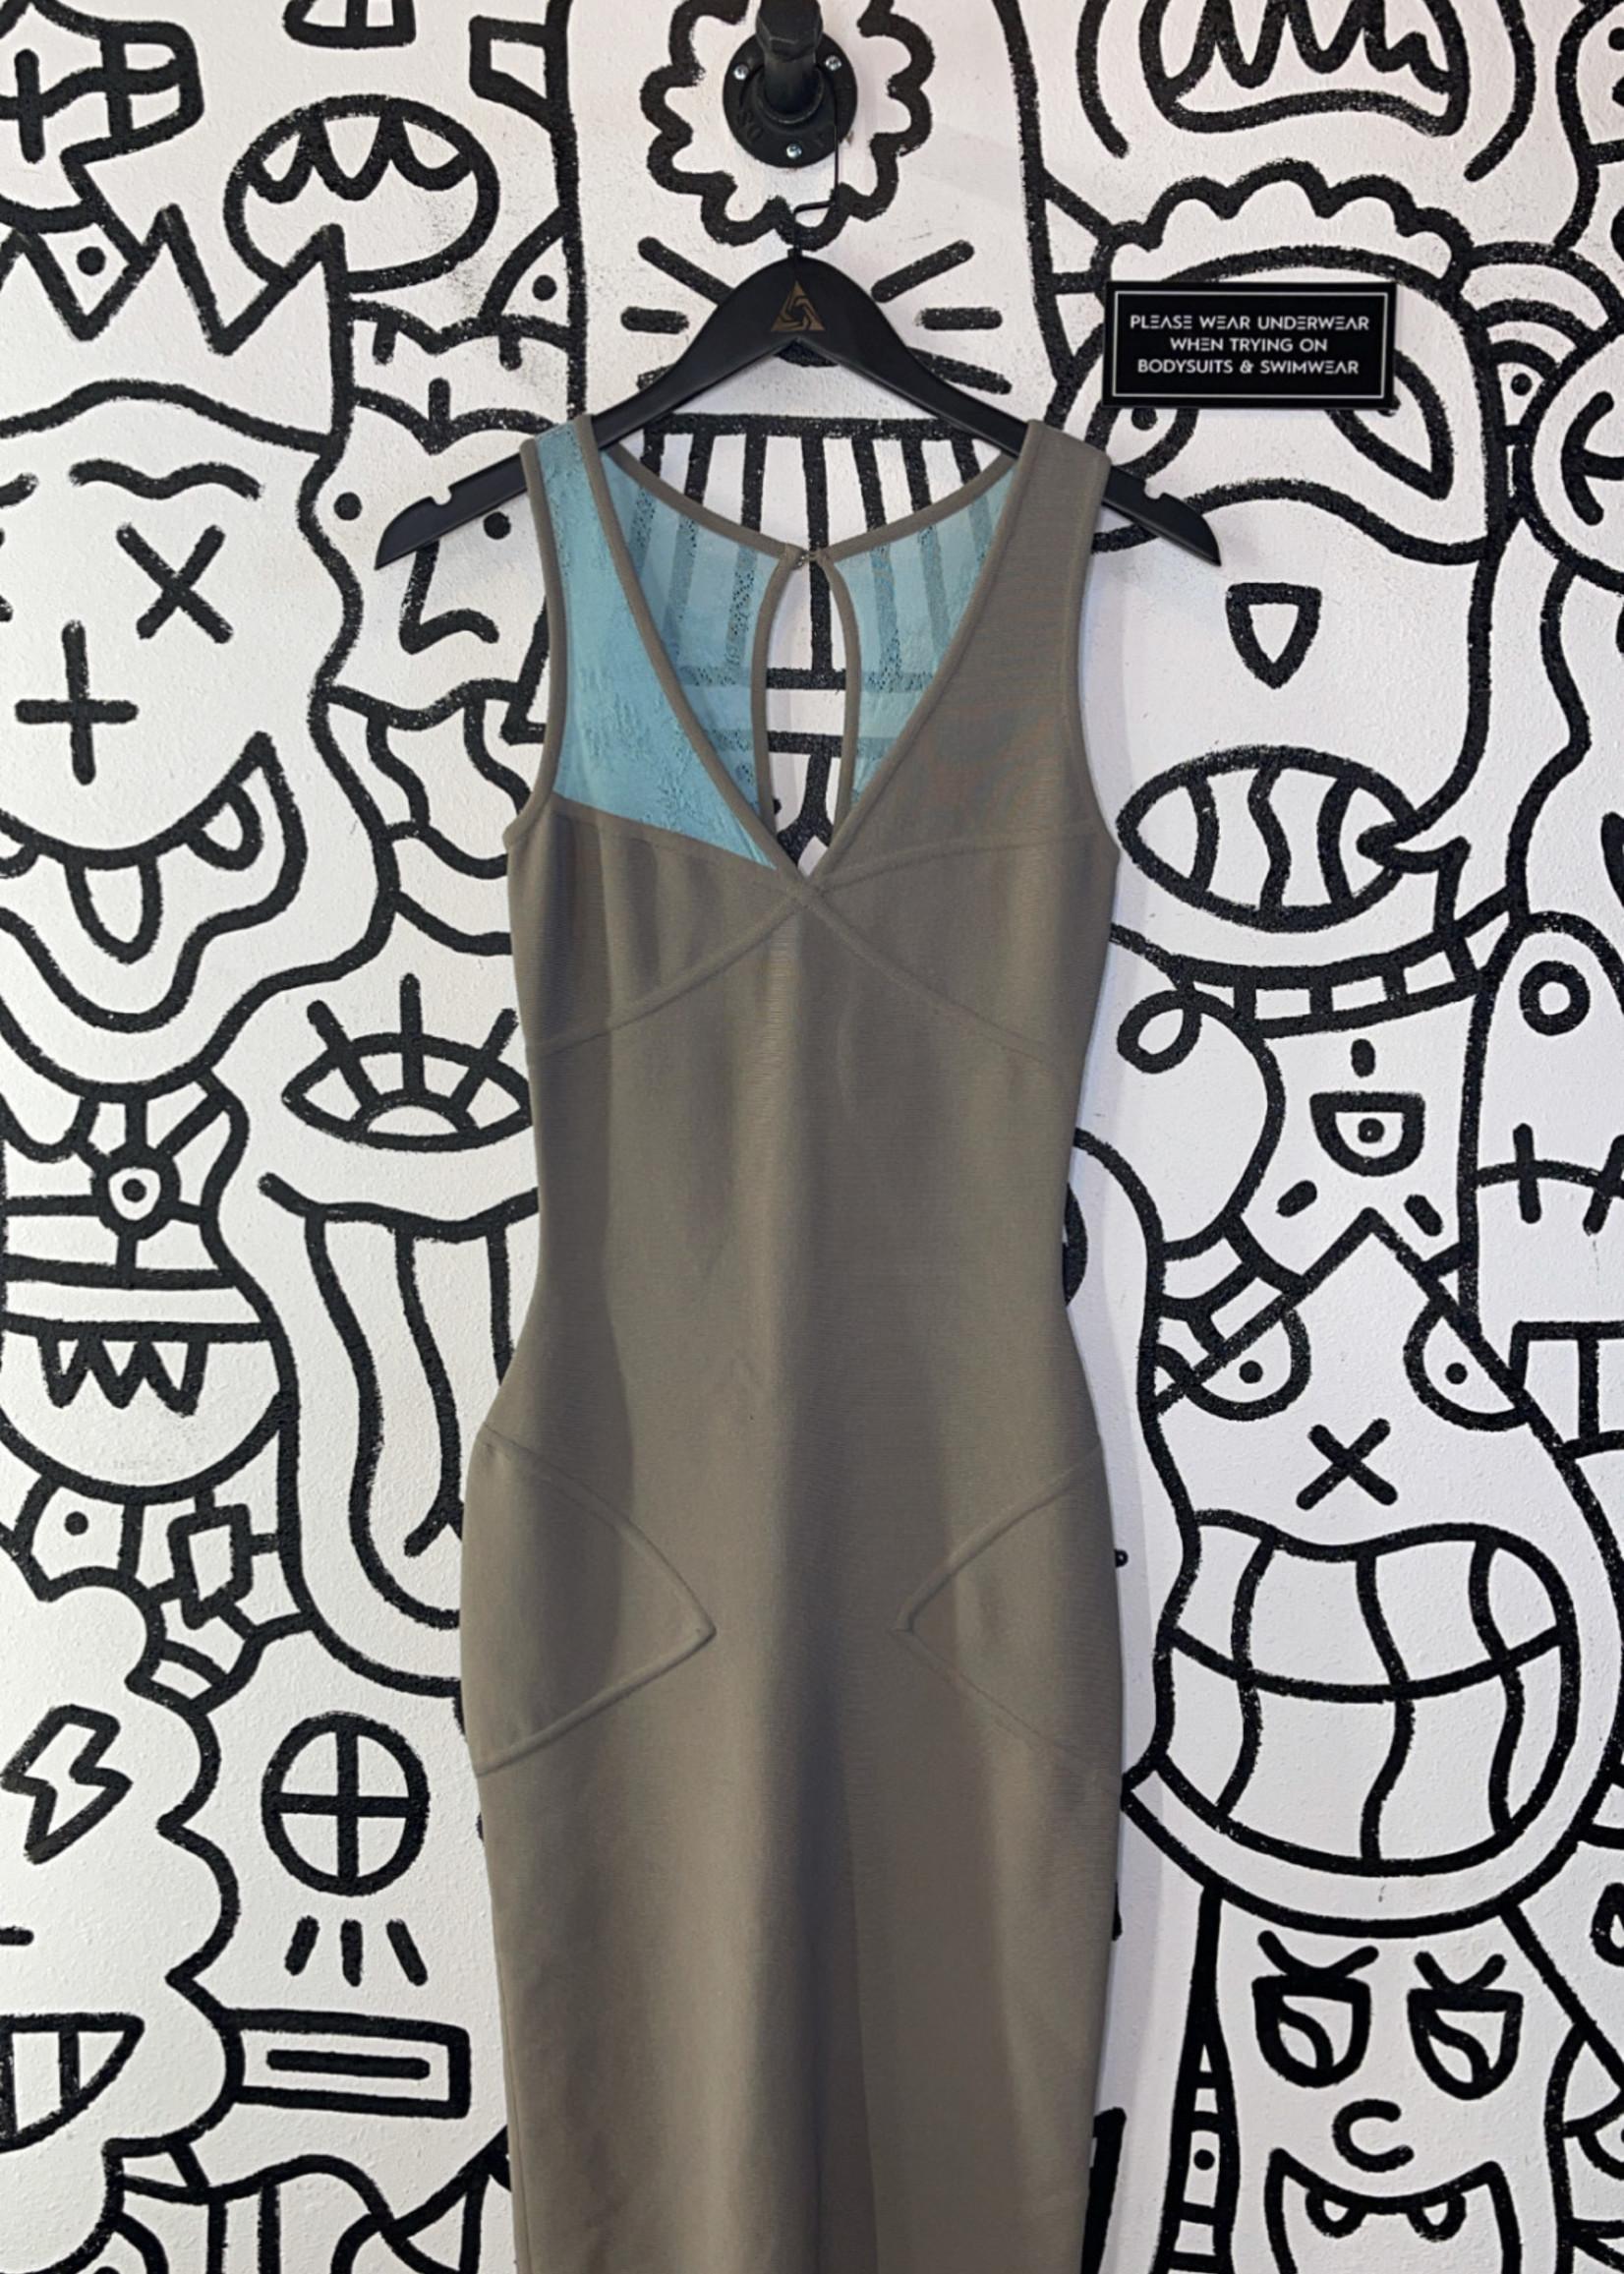 Herve Leger Designer Dress 4/S Retail: $442